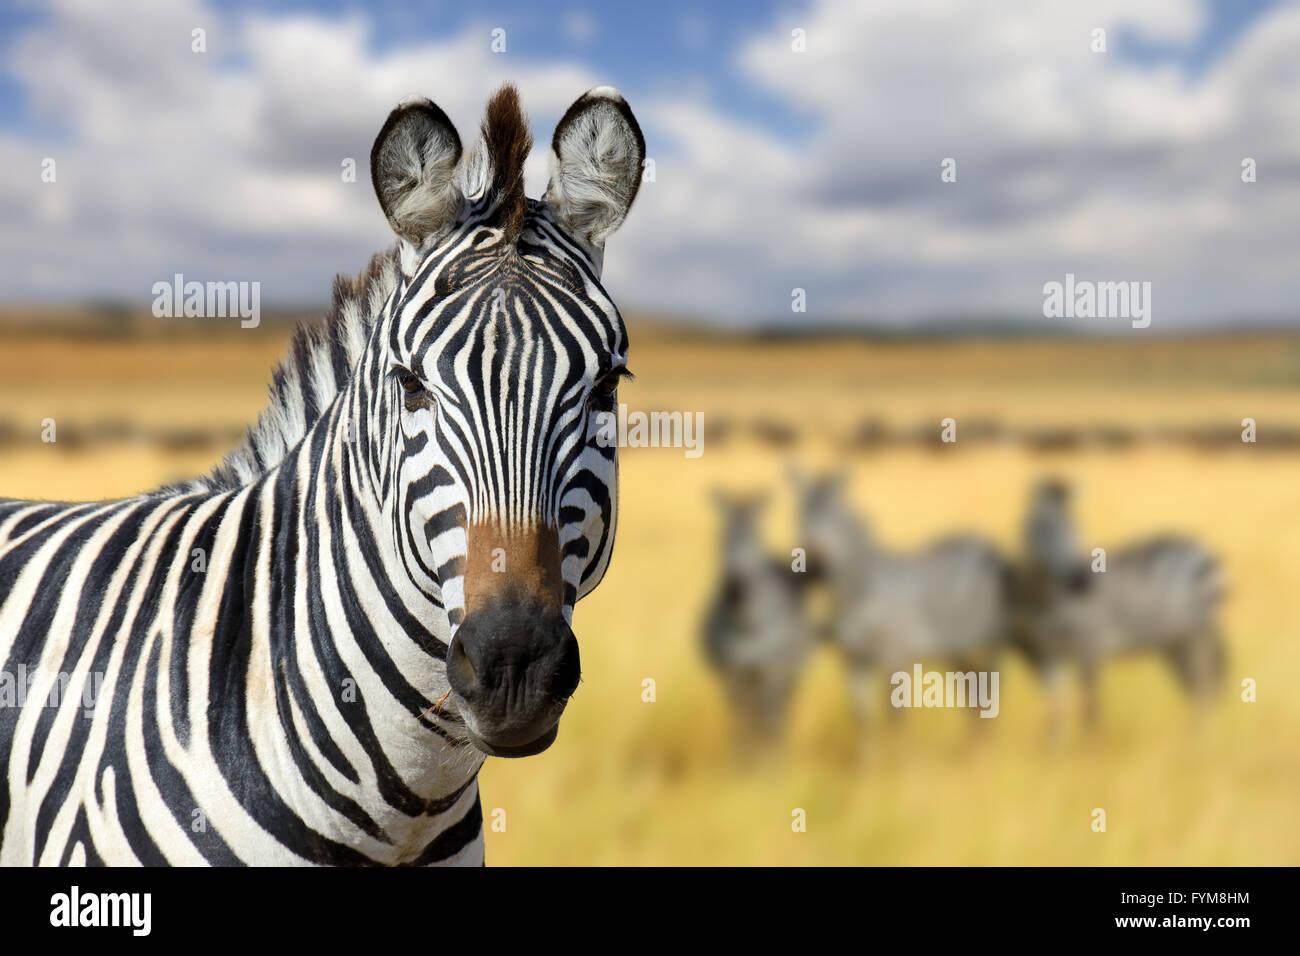 Zebra en pastizales en África, parque nacional de Kenya Imagen De Stock